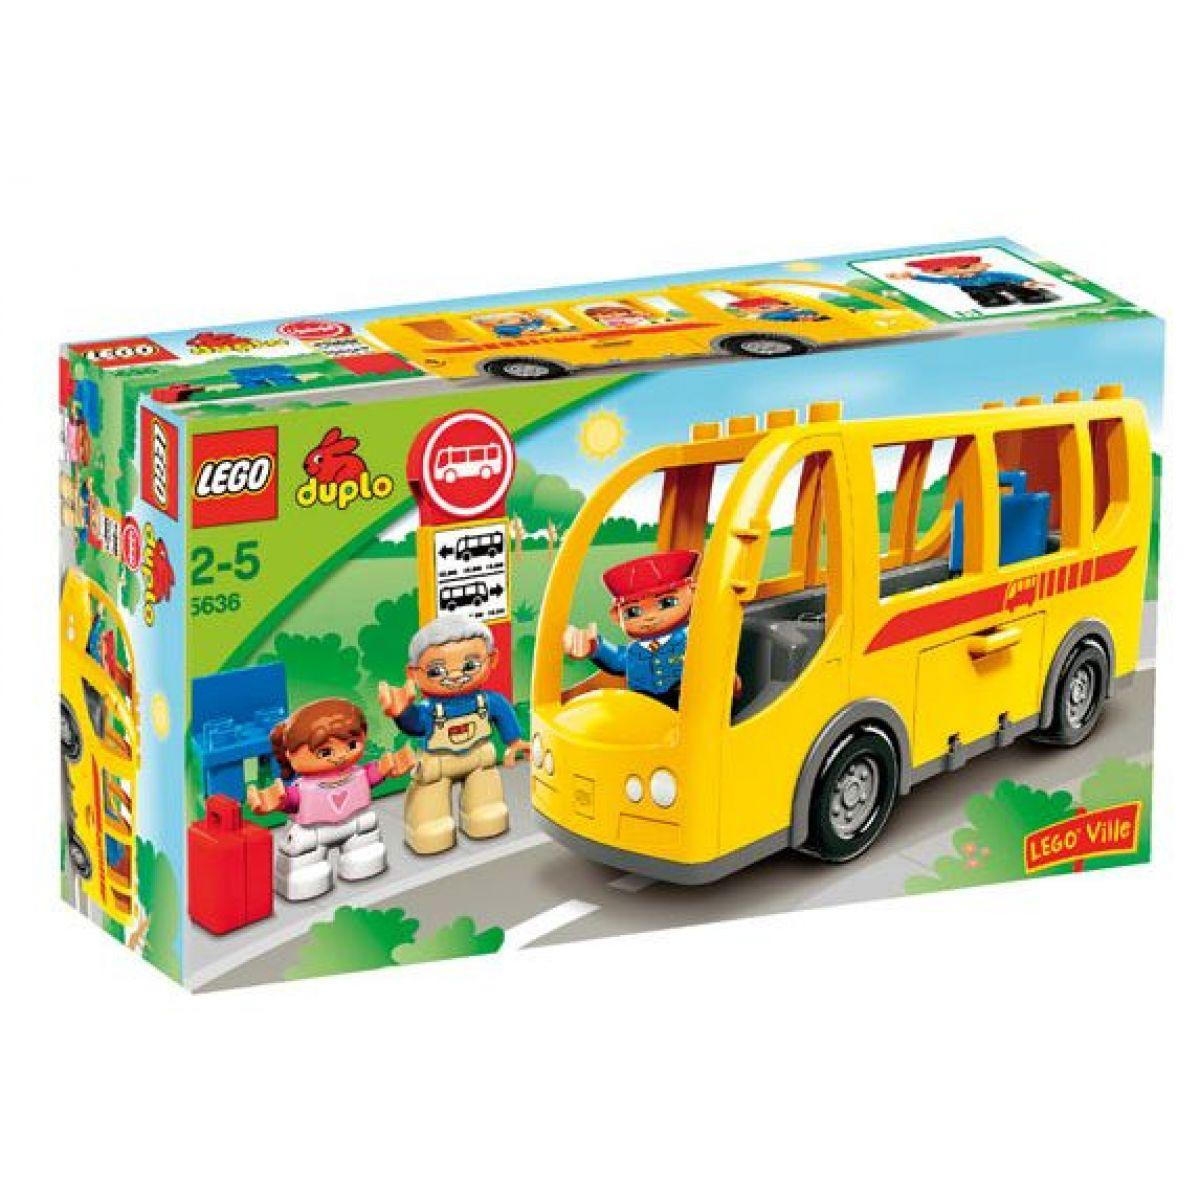 LEGO DUPLO 5636 Autobus